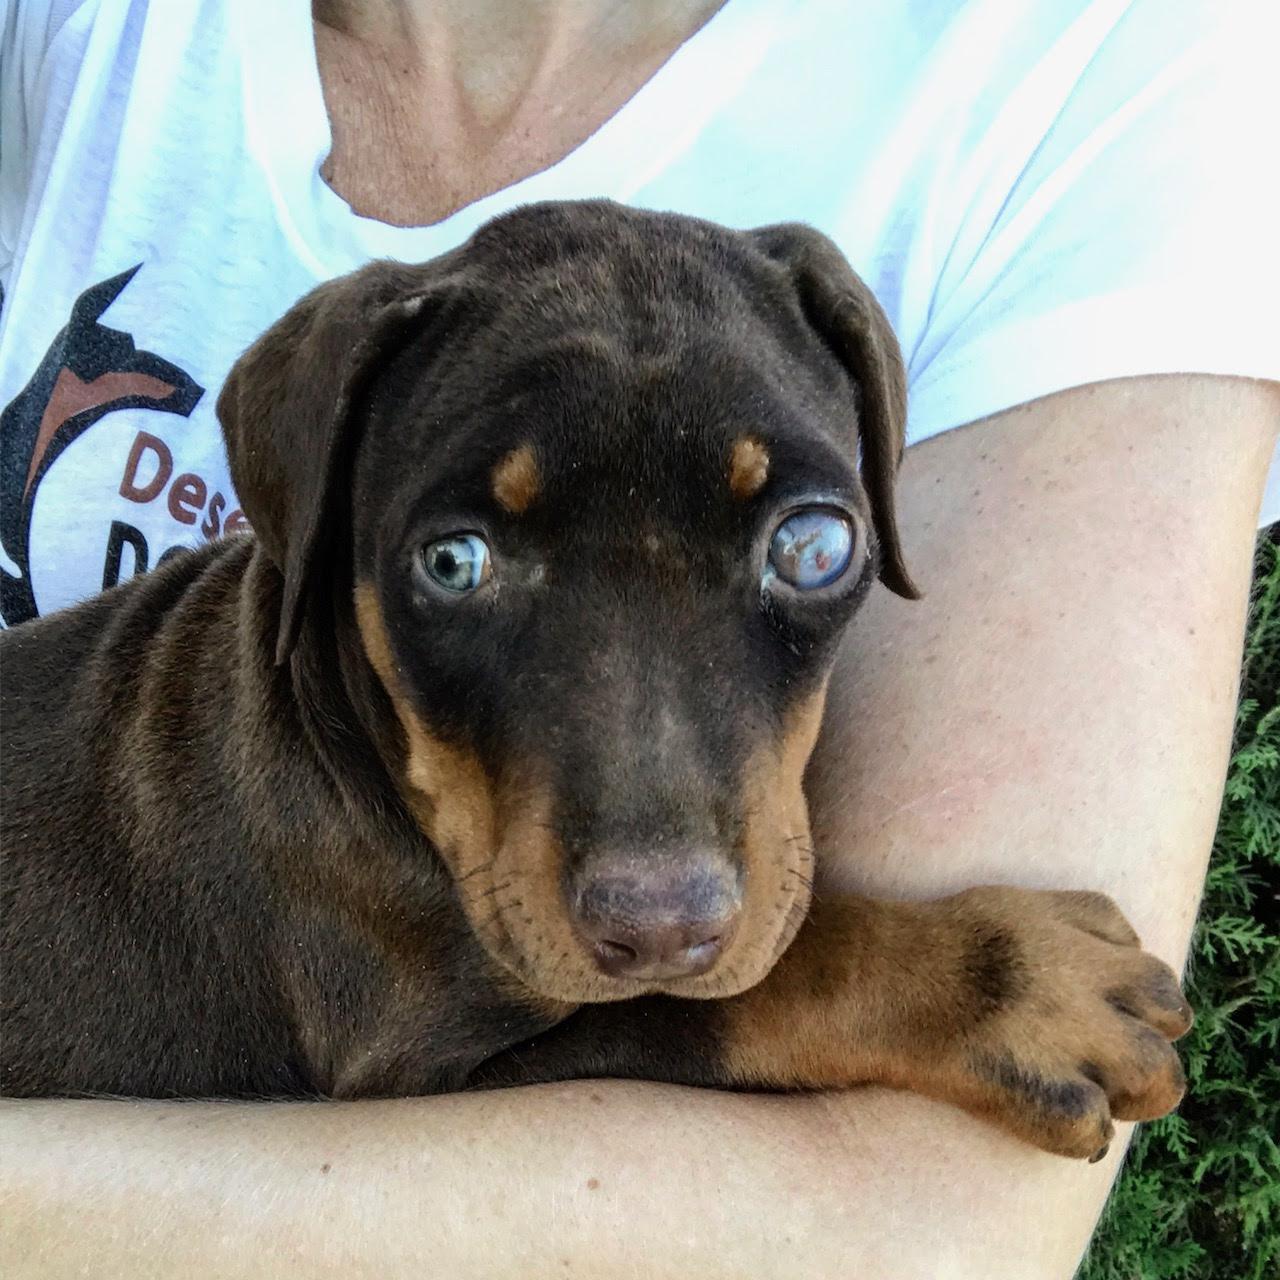 Precious - Doberman Pinscher Puppy for sale | Euro Puppy